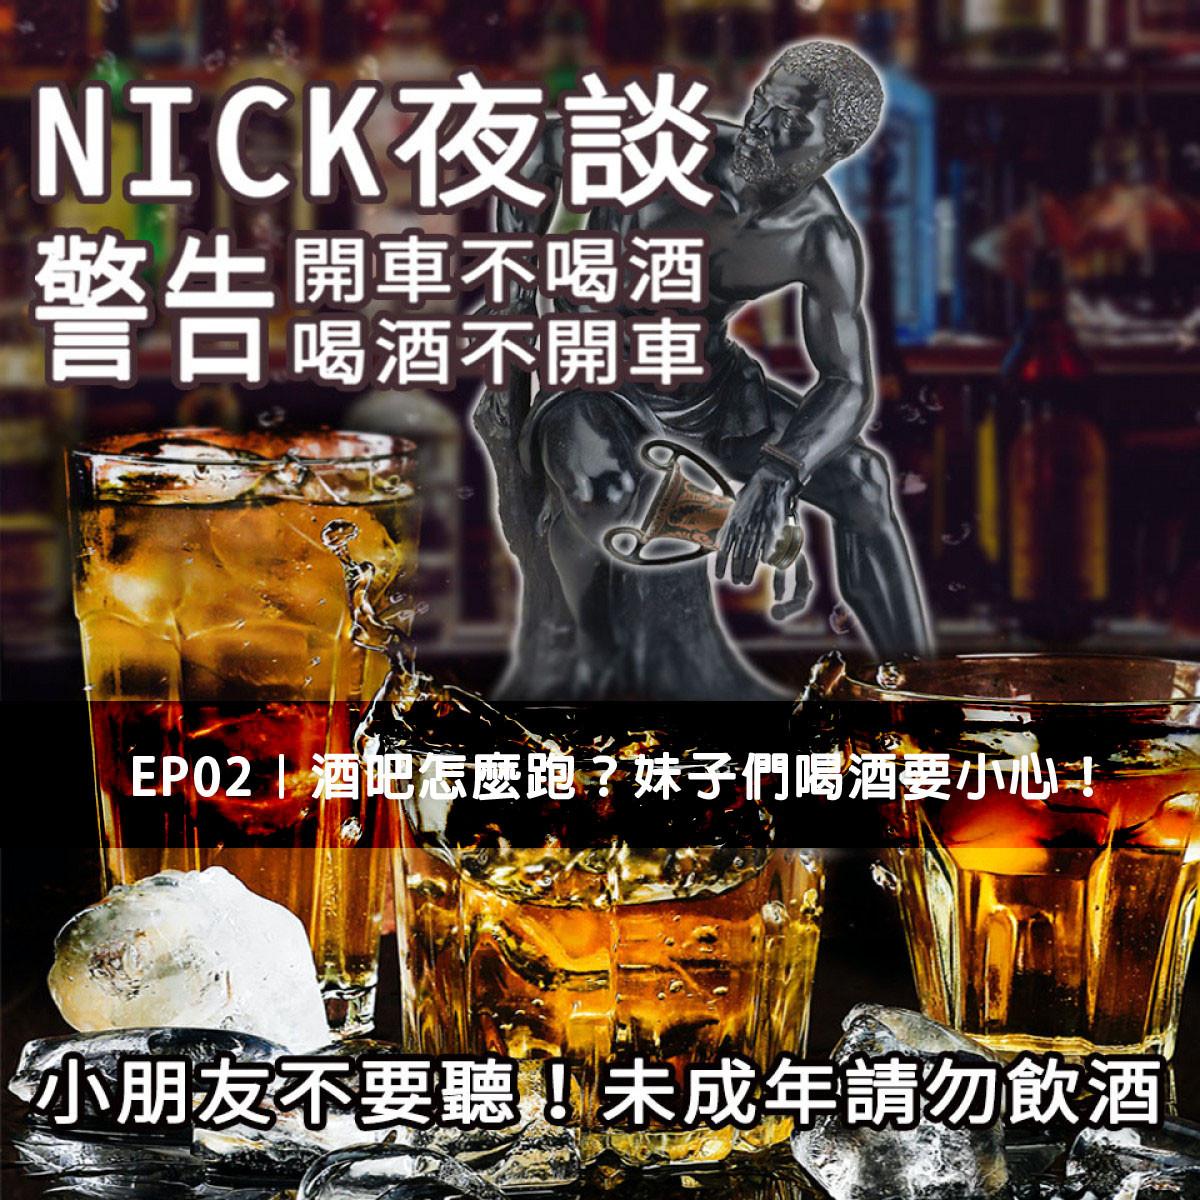 夜談第一季EP02|酒吧怎麼跑?妹子們喝酒要小心哪幾招!